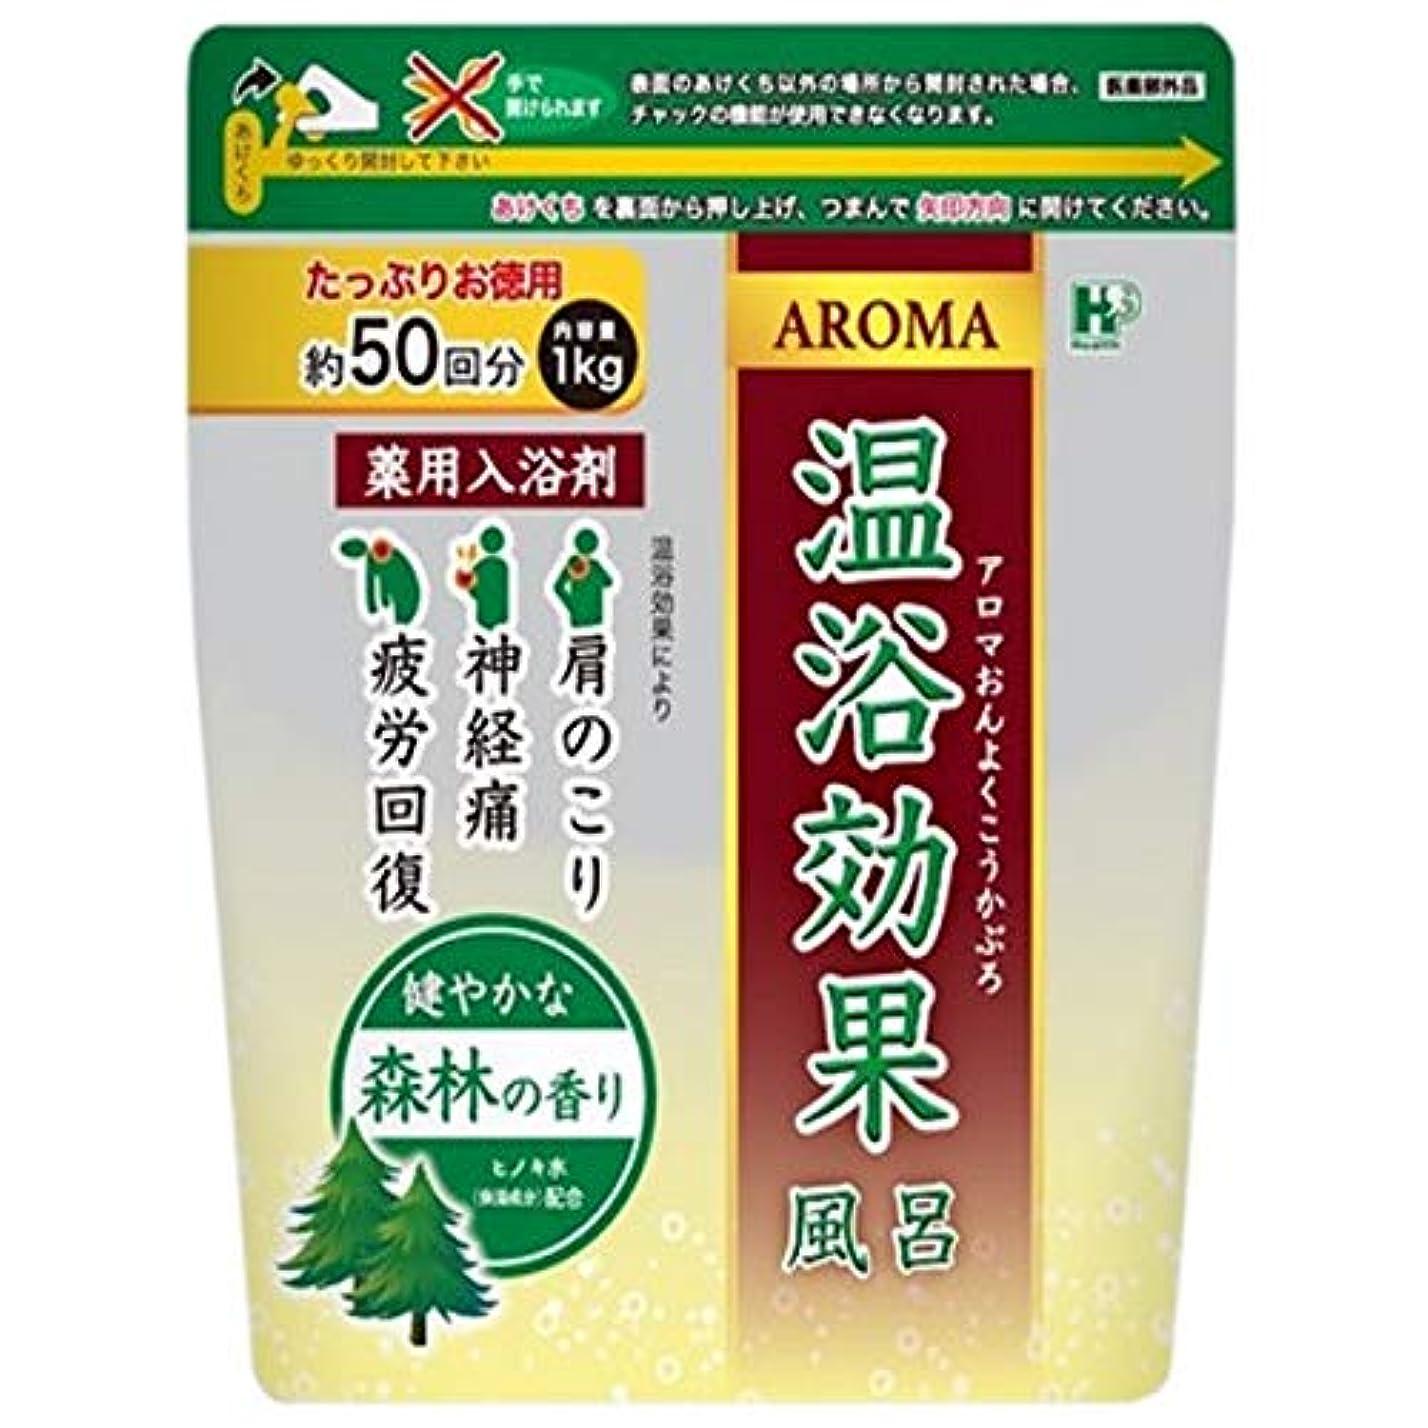 引き算振り向くスペイン薬用入浴剤 アロマ温浴効果風呂 森林 1kg×10袋入